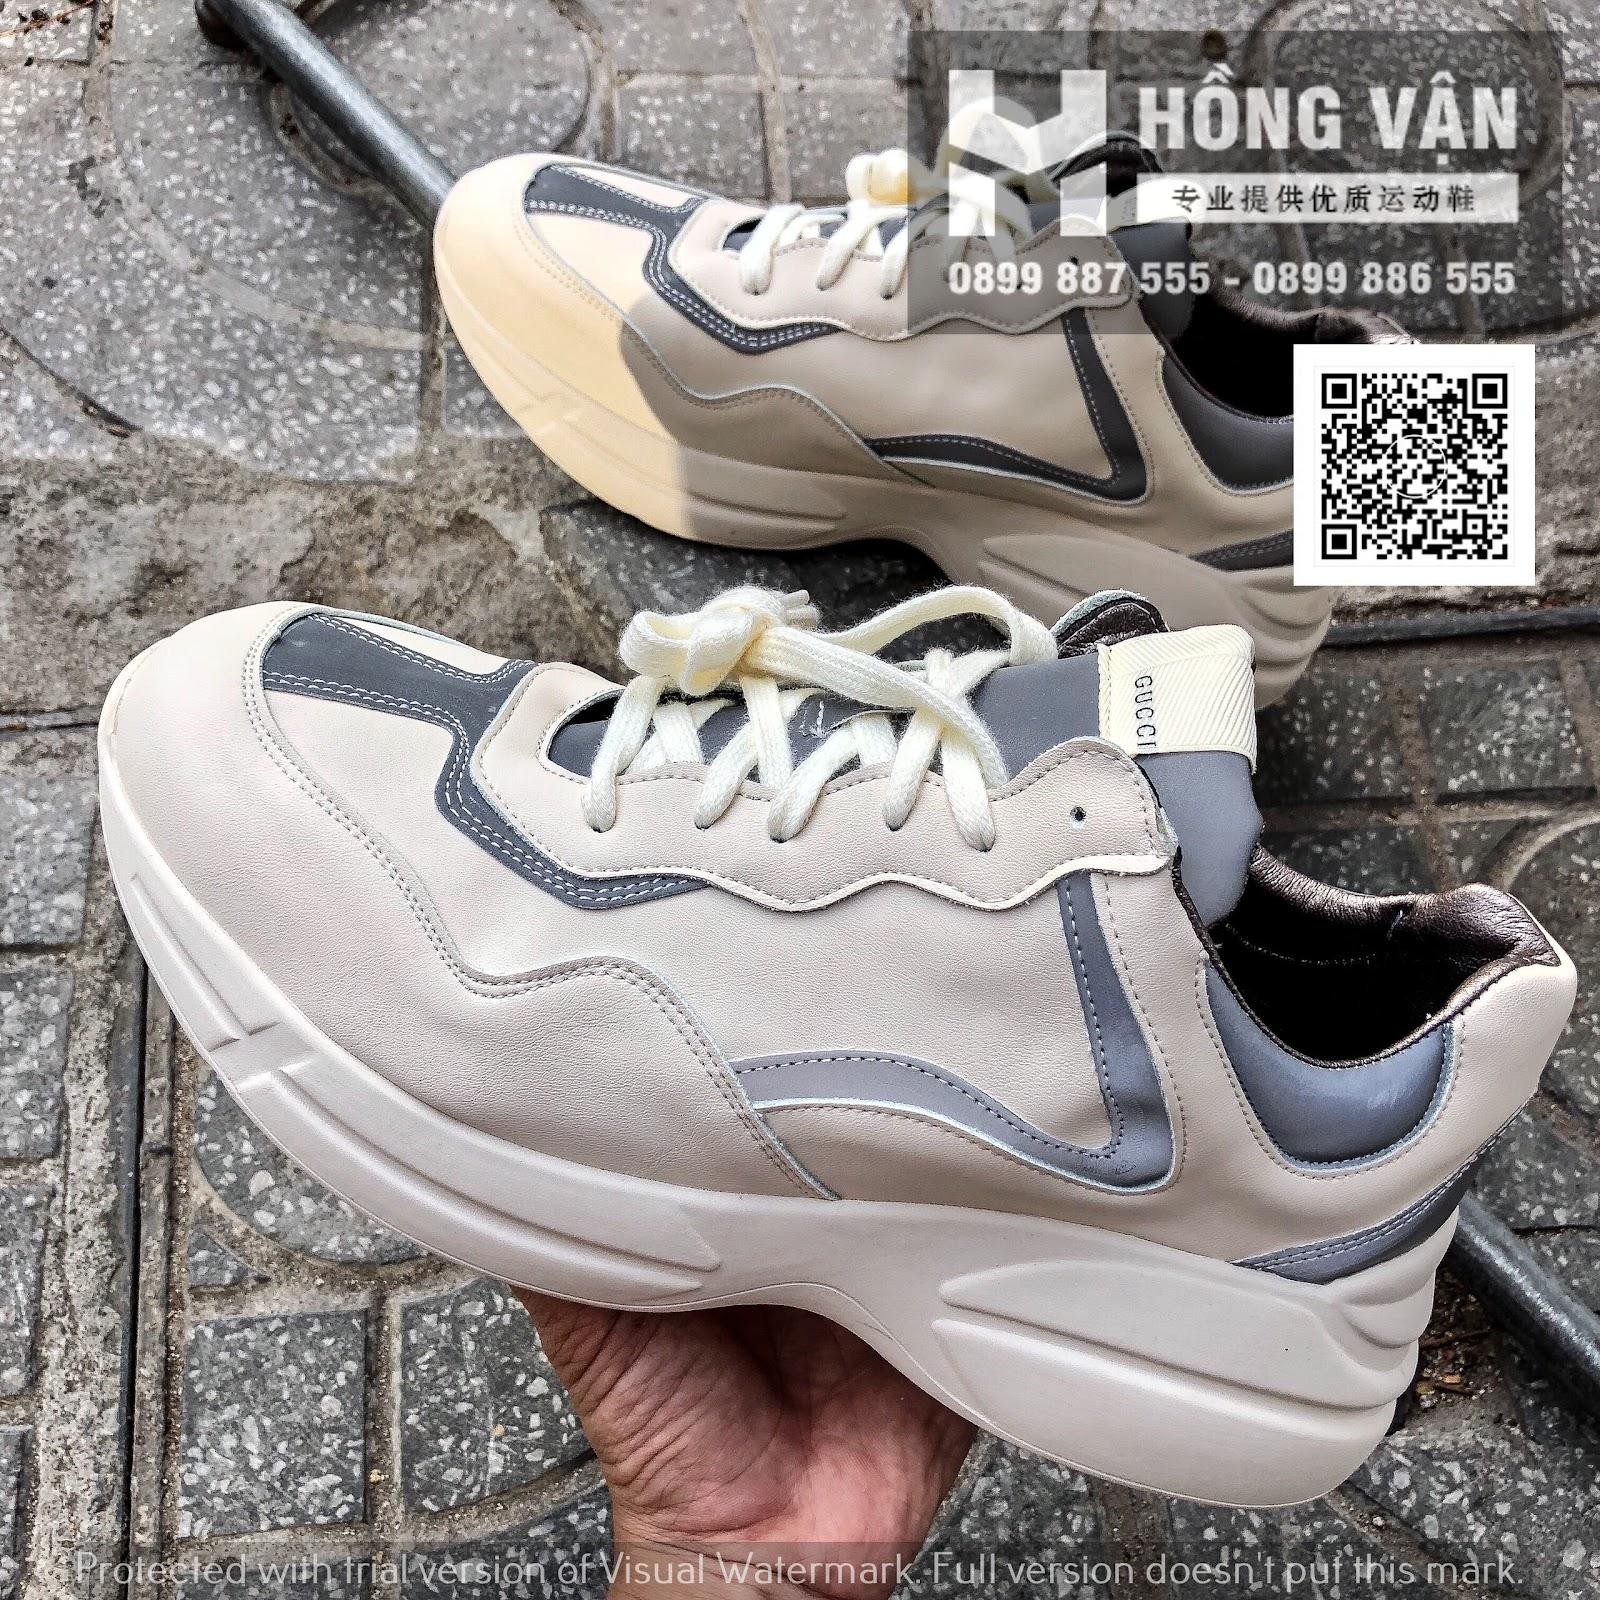 Hồng Vận - Nhà buôn sỉ giày thể thao và kèm theo những phụ kiện thể th - 4